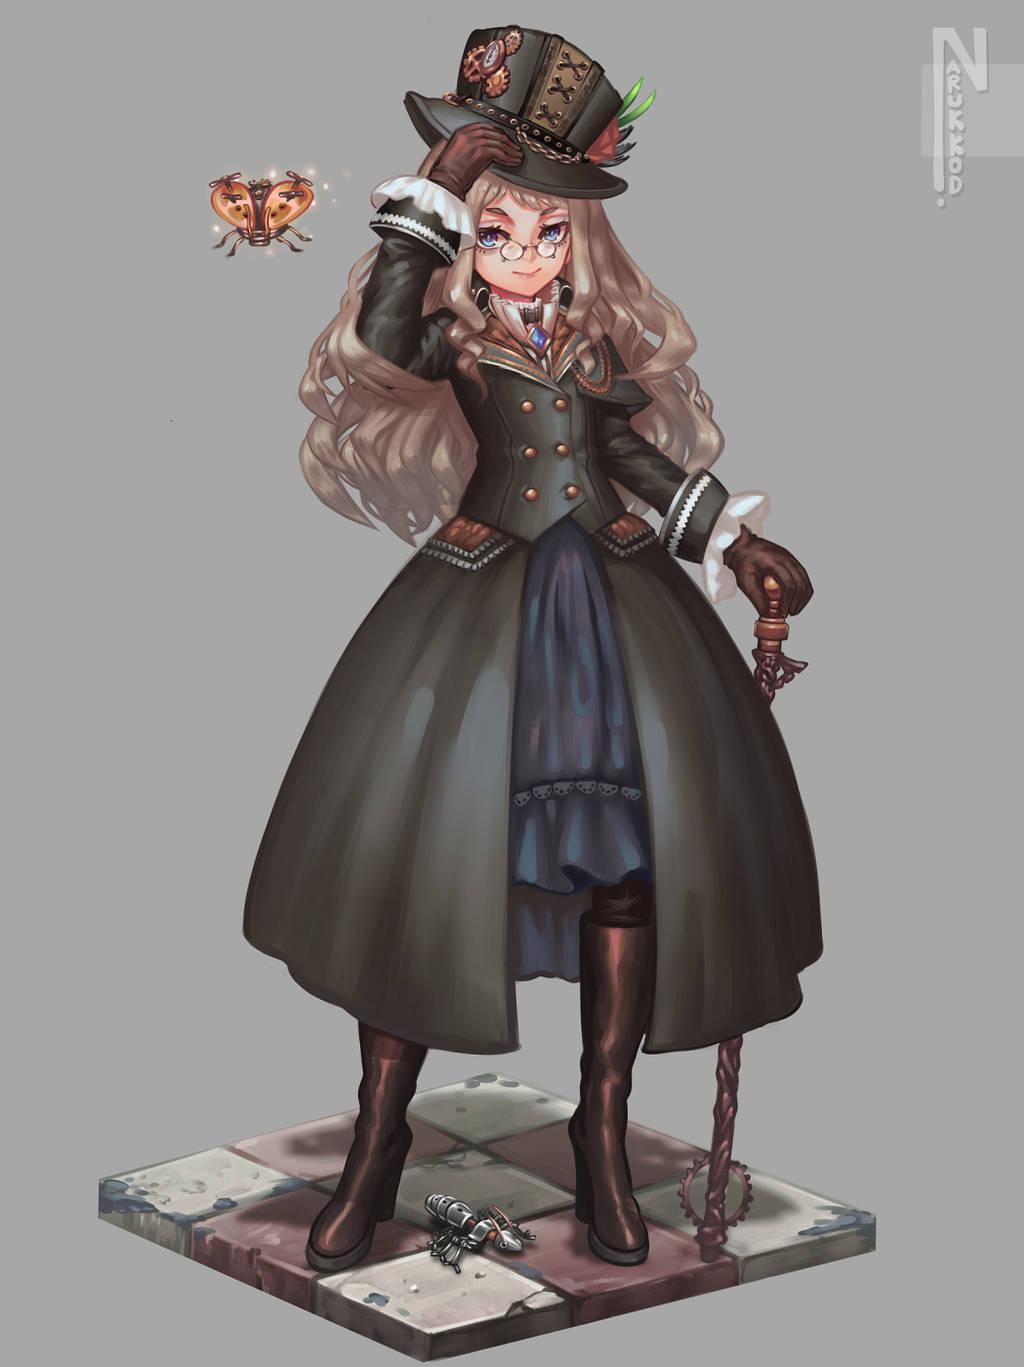 gotic steampunkV1 by narukkod